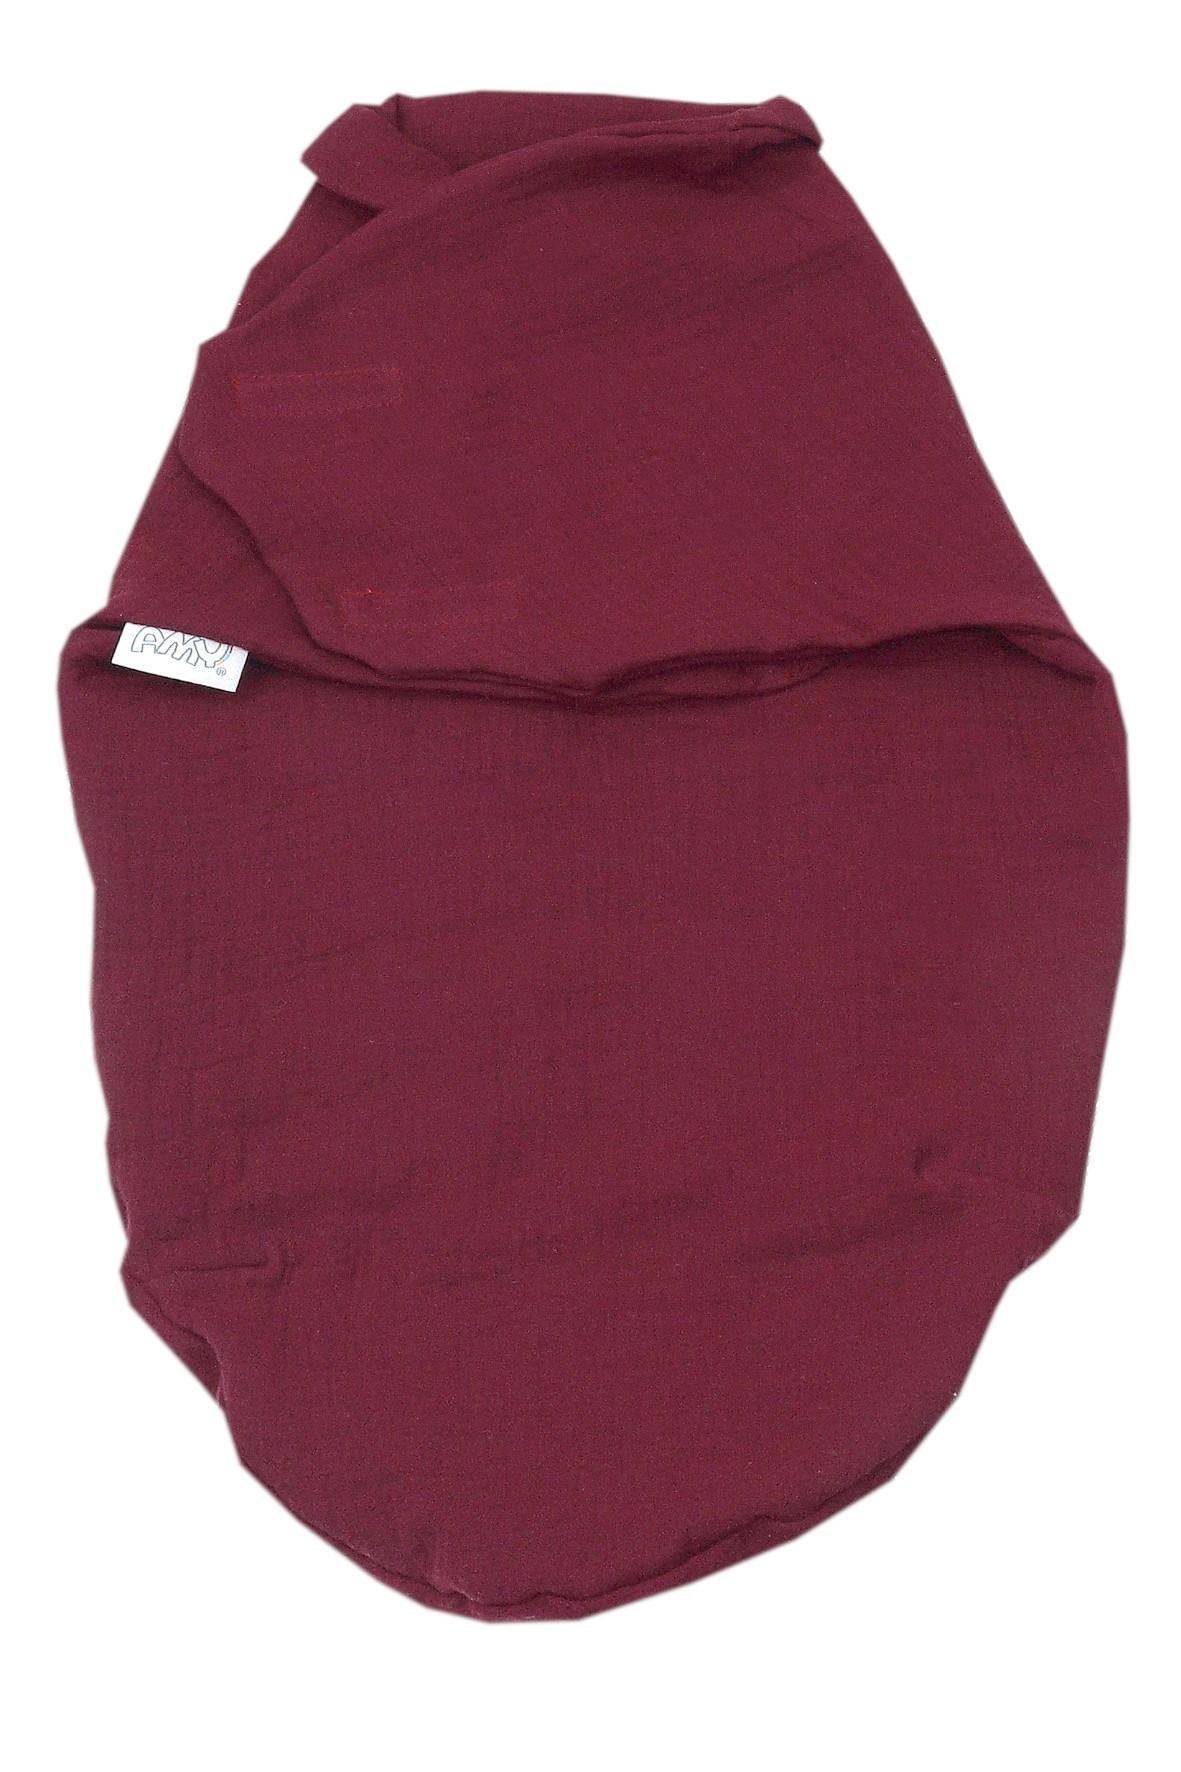 Otulacz niemowlęcy 72x60cm bordowy